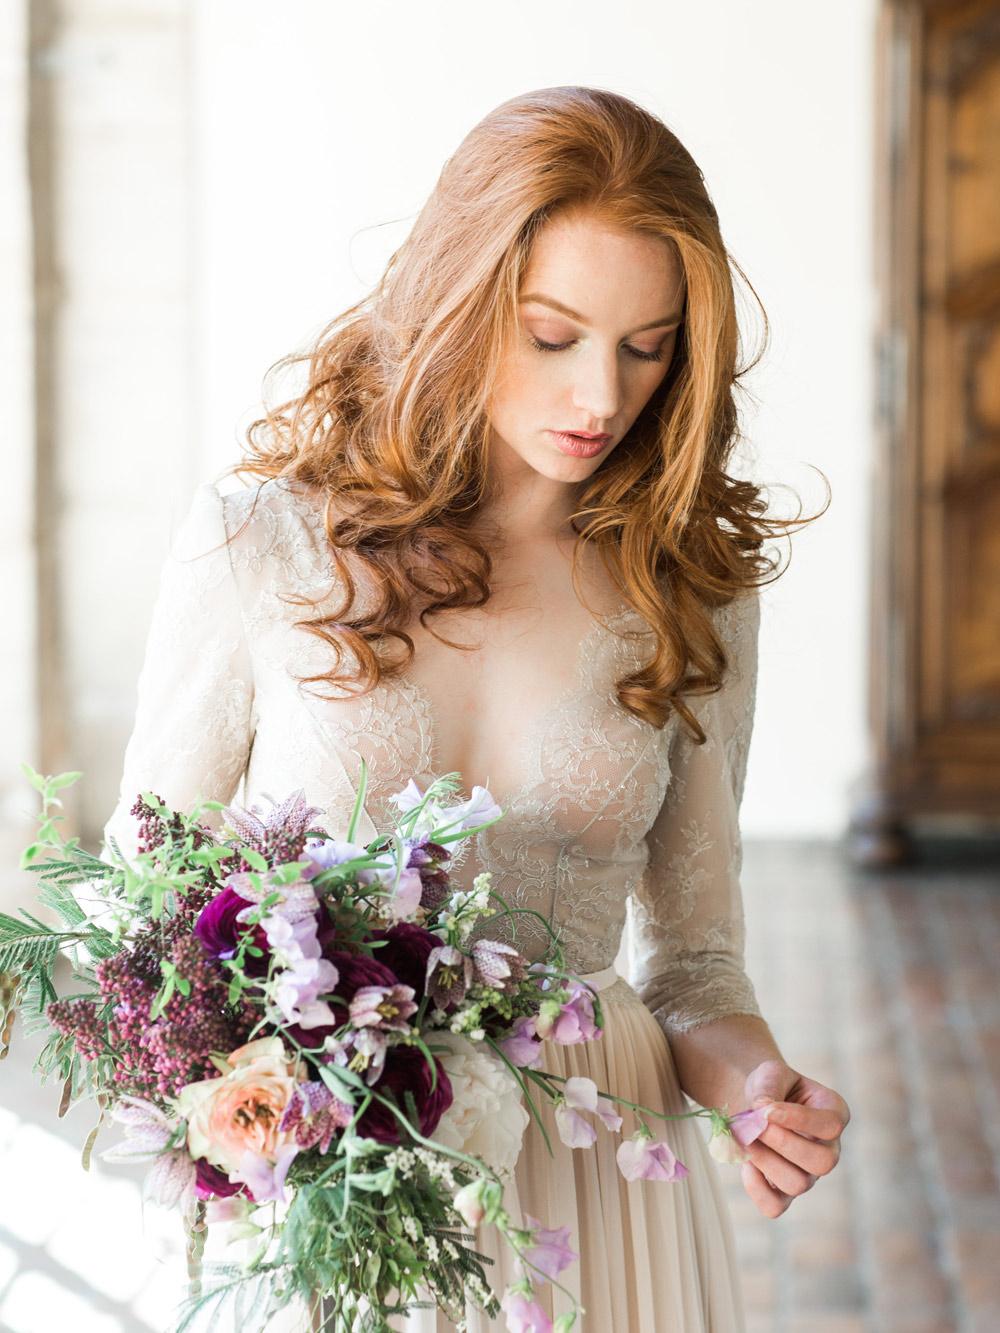 blanccoco_photographe_mariage_chic_nude_pastel_chateau_montplaisant_50